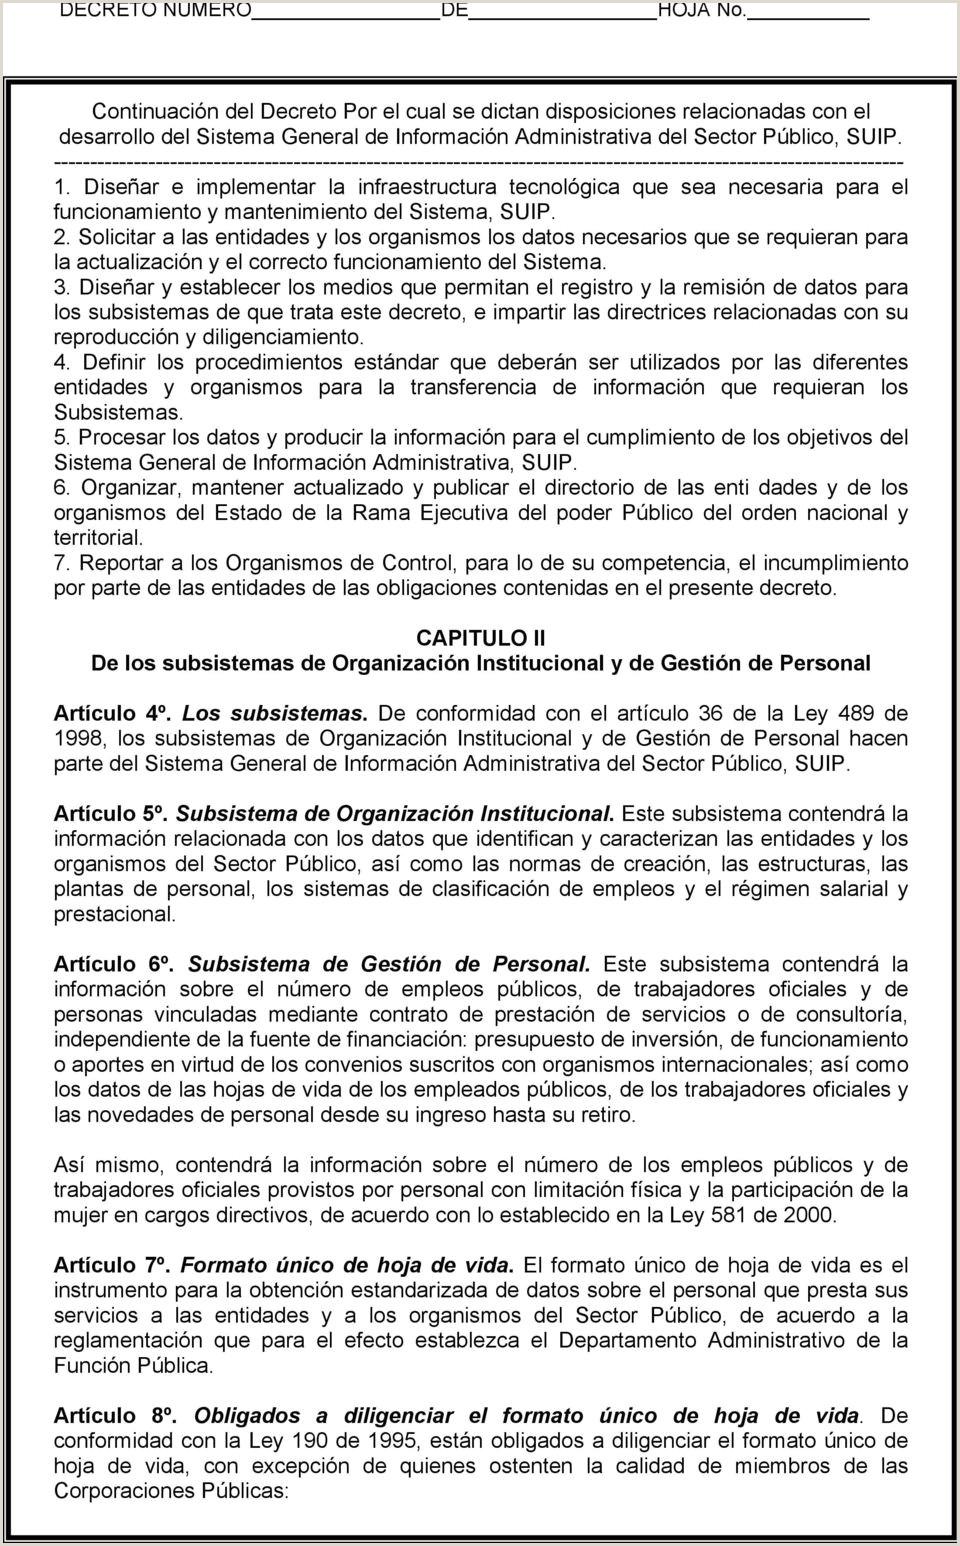 """Formato Hoja De Hoja De Vida Funcion Publica Departamento Administrativo De La Funci""""n Pšblica Decreto"""